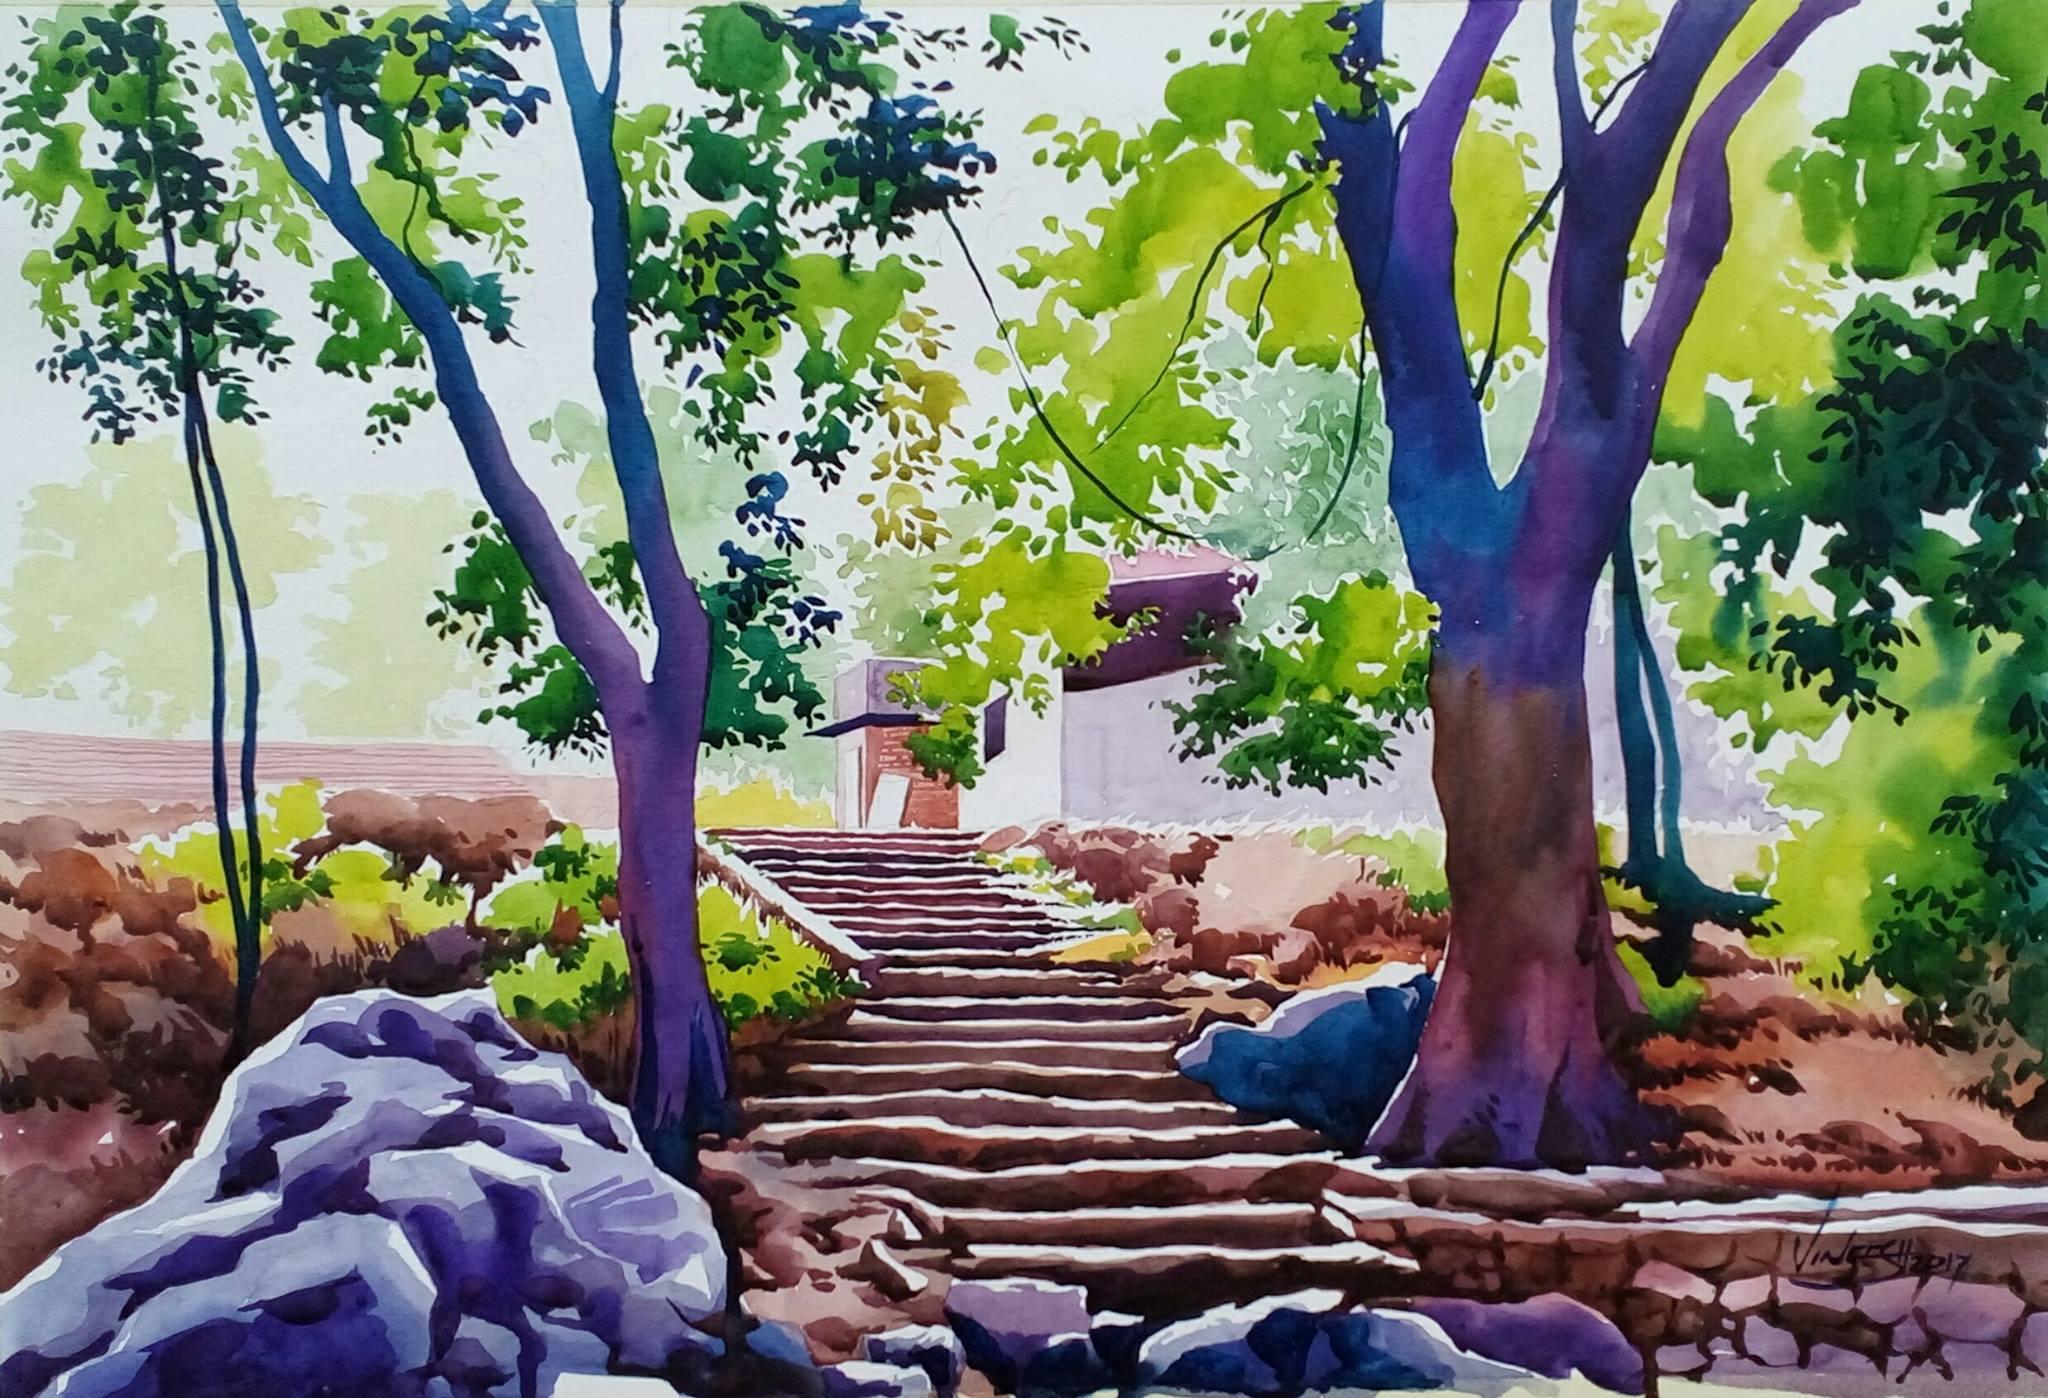 Artist Vineesh Mudrika